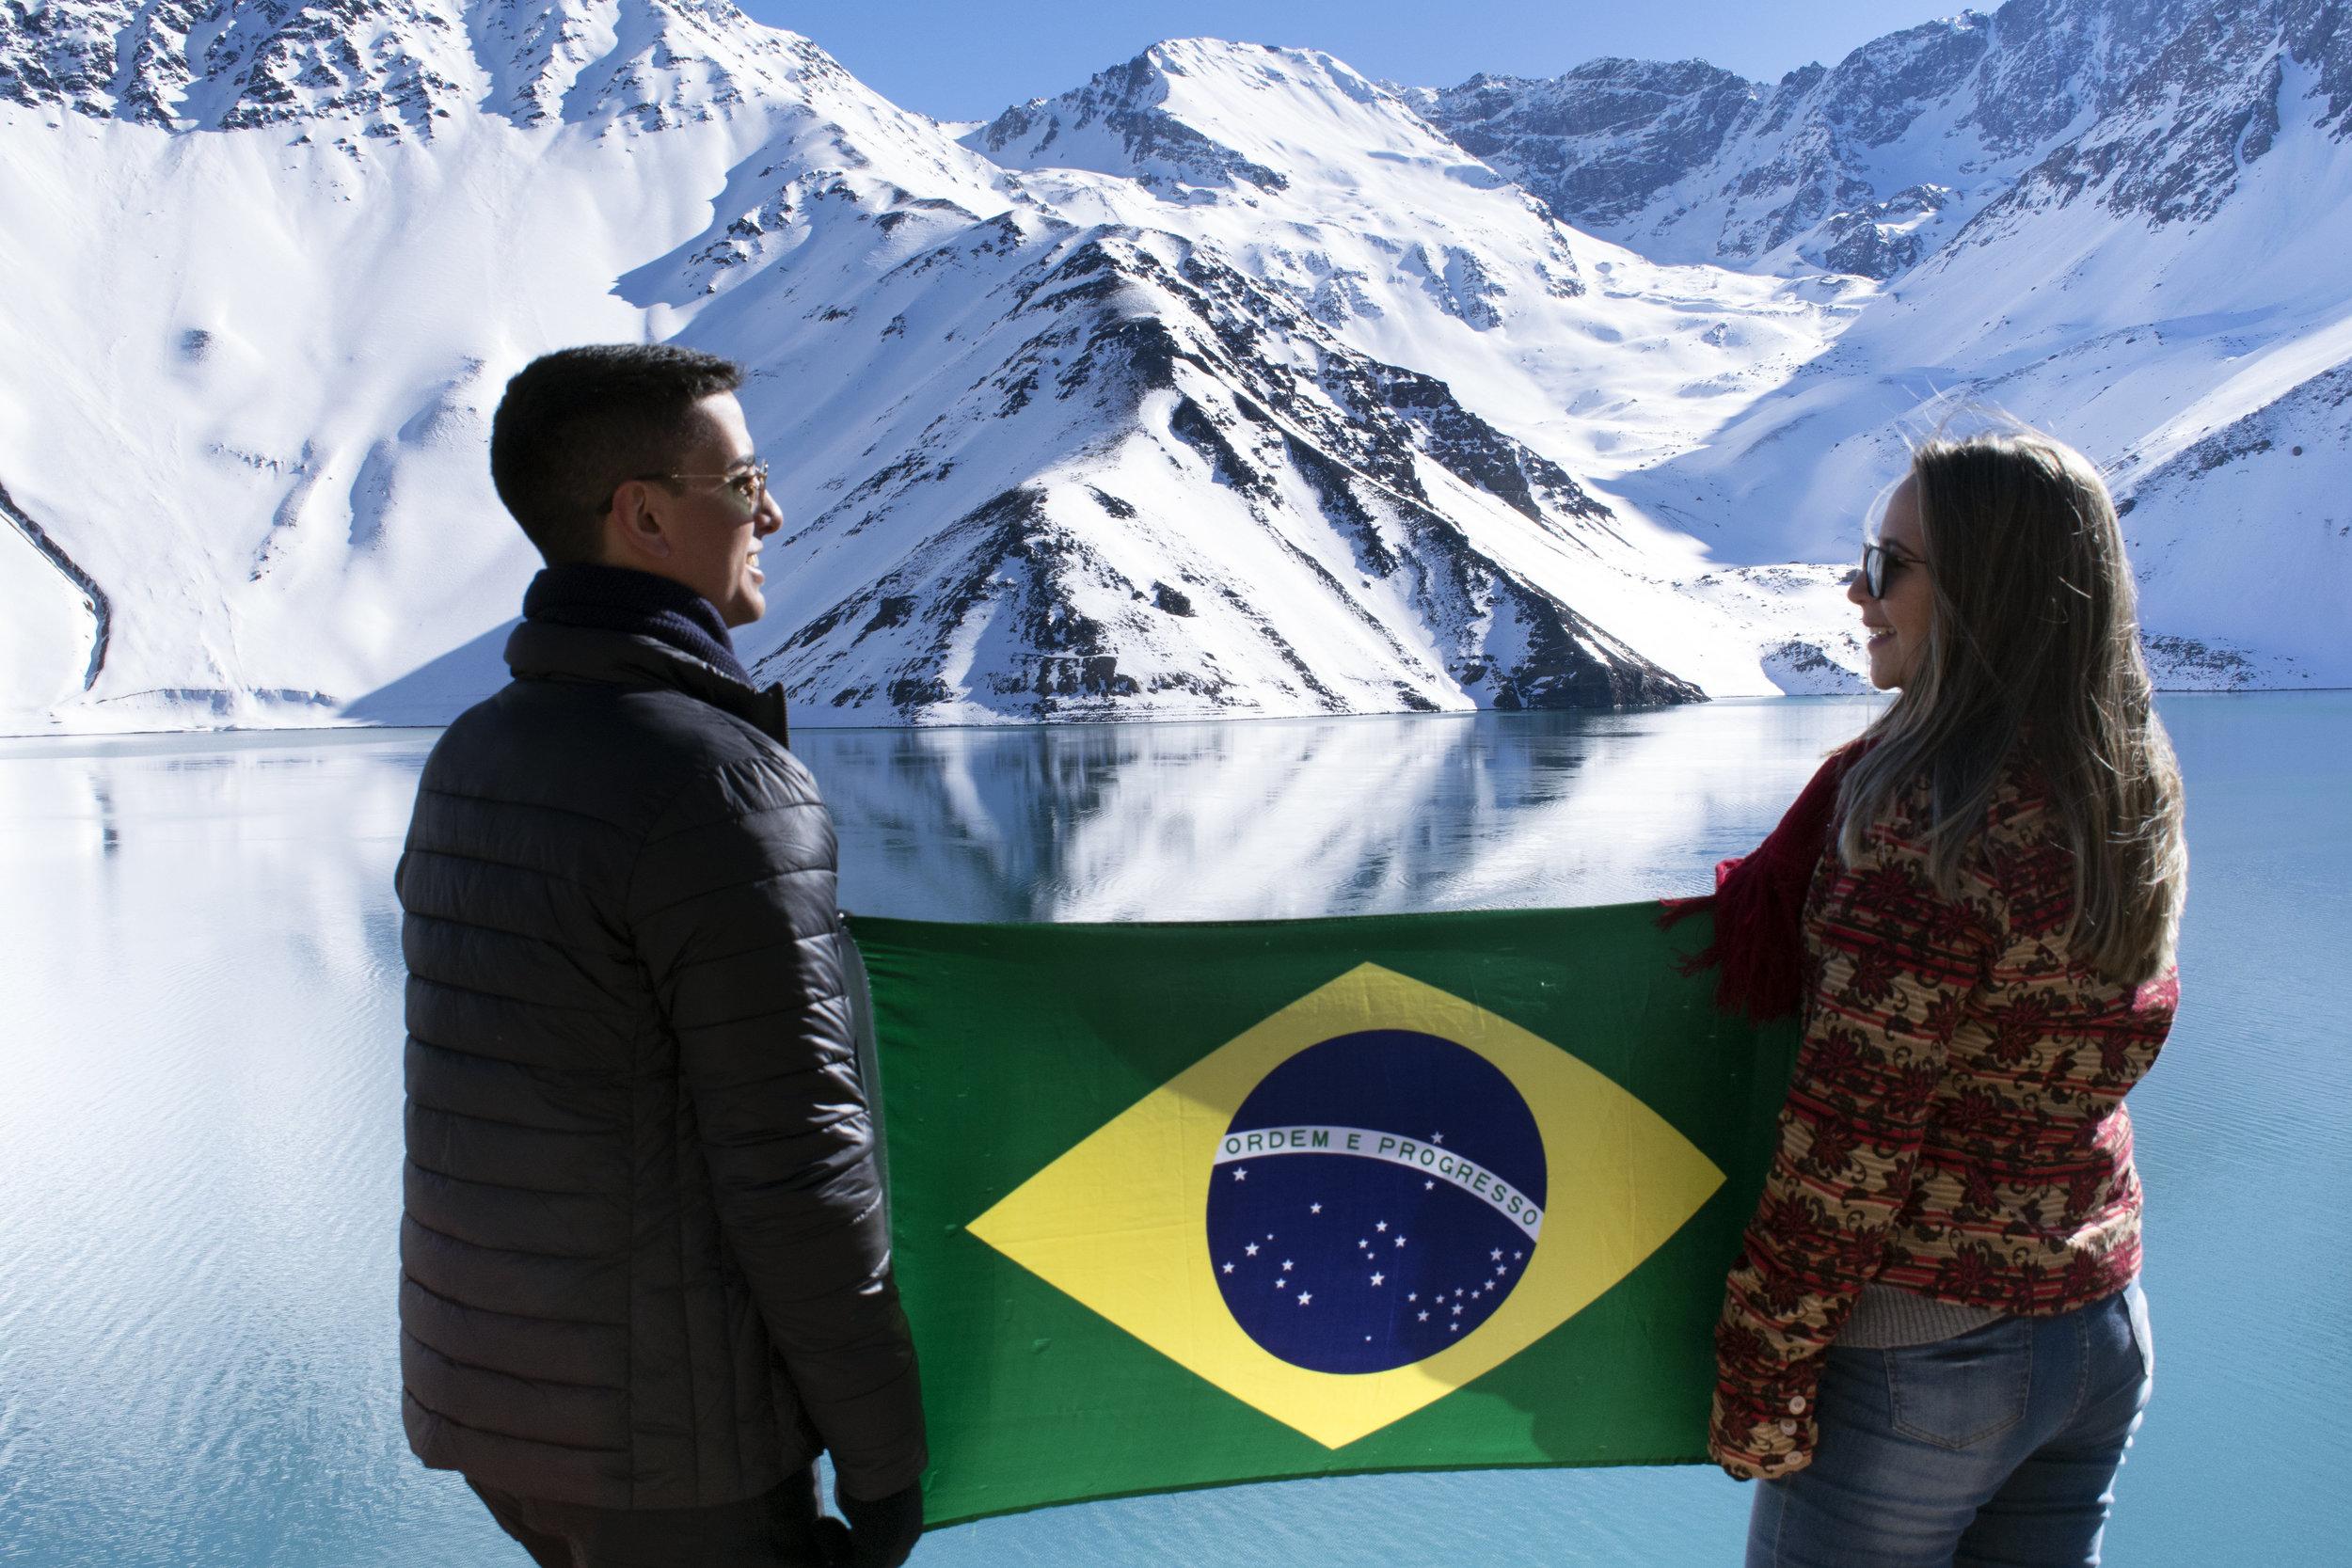 Miguel Neto2 Chile Michelle-Miguel Neto2 Chile Michelle-0035.jpg